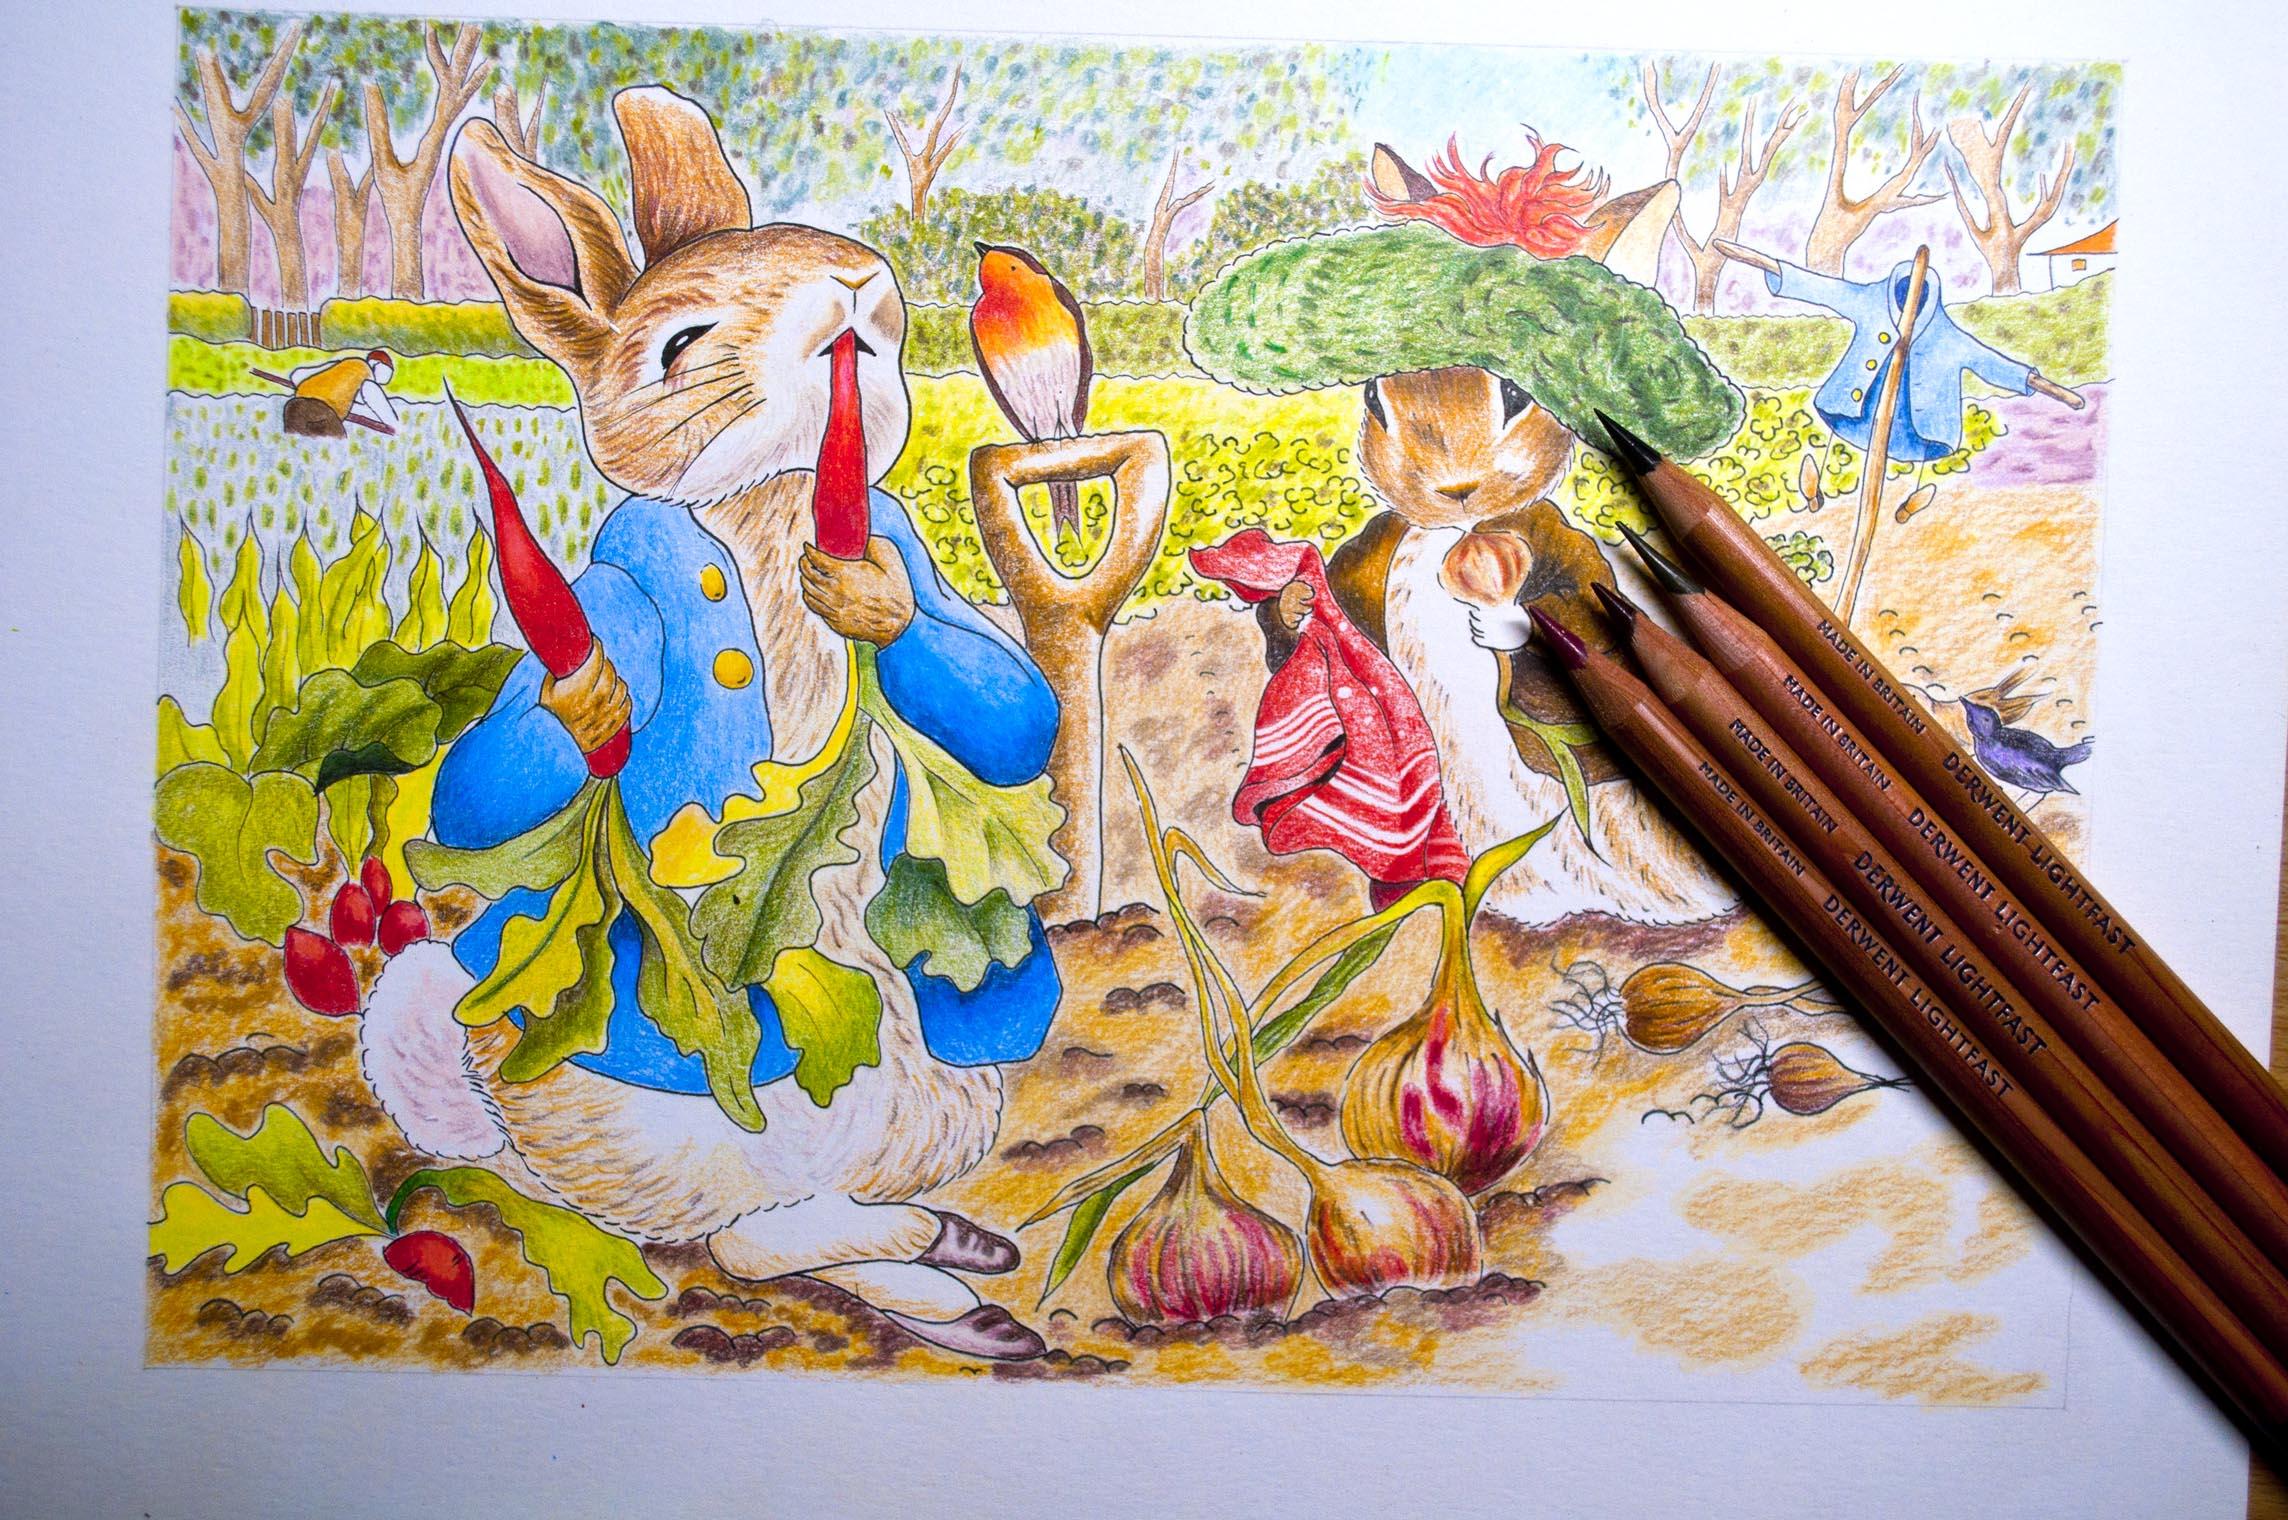 Peter Rabbit With Pencils 10.jpg